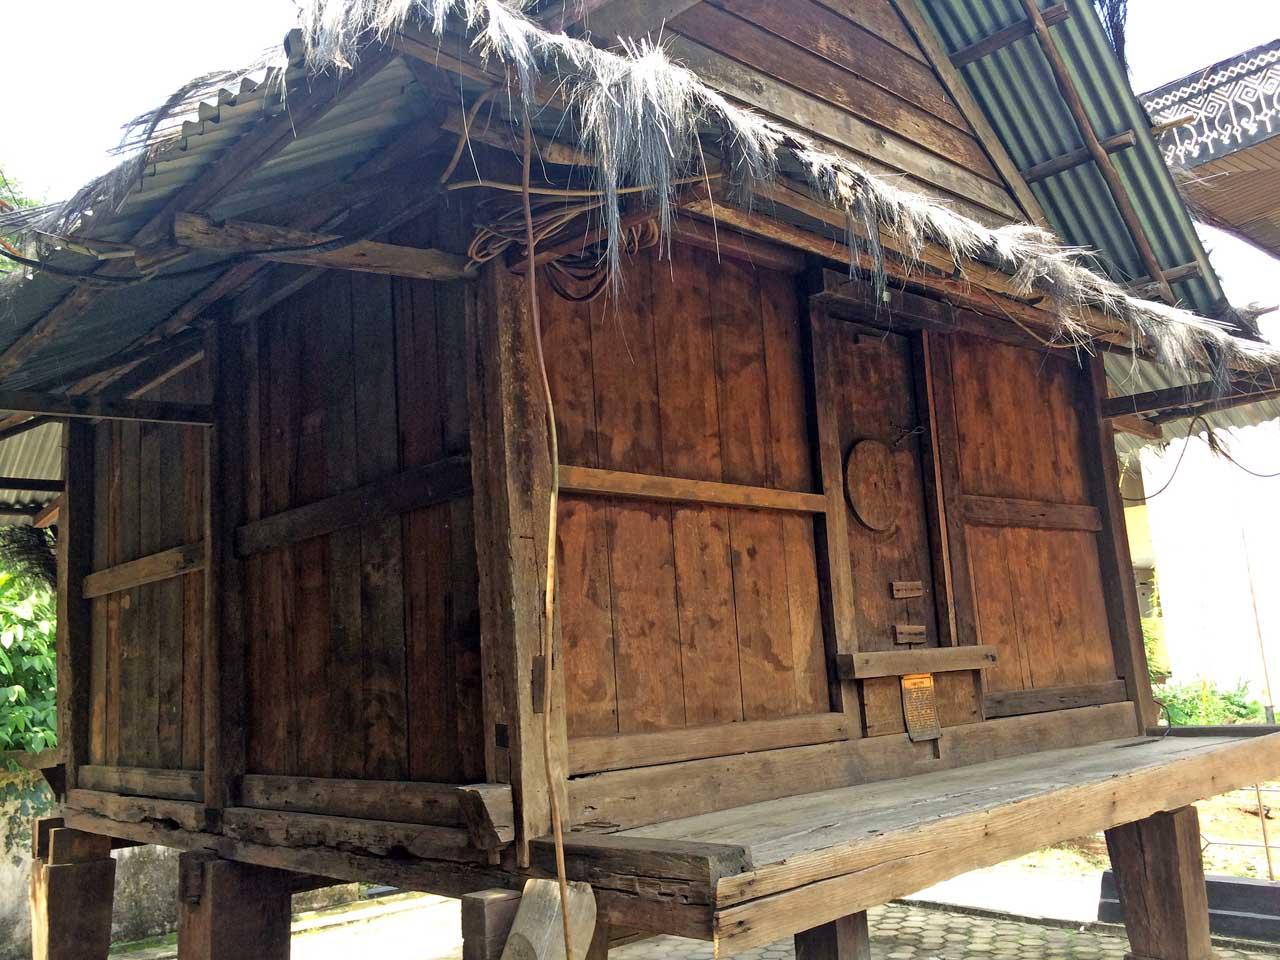 Koleksi Museum Lampung - Yopie Pangkey - 6